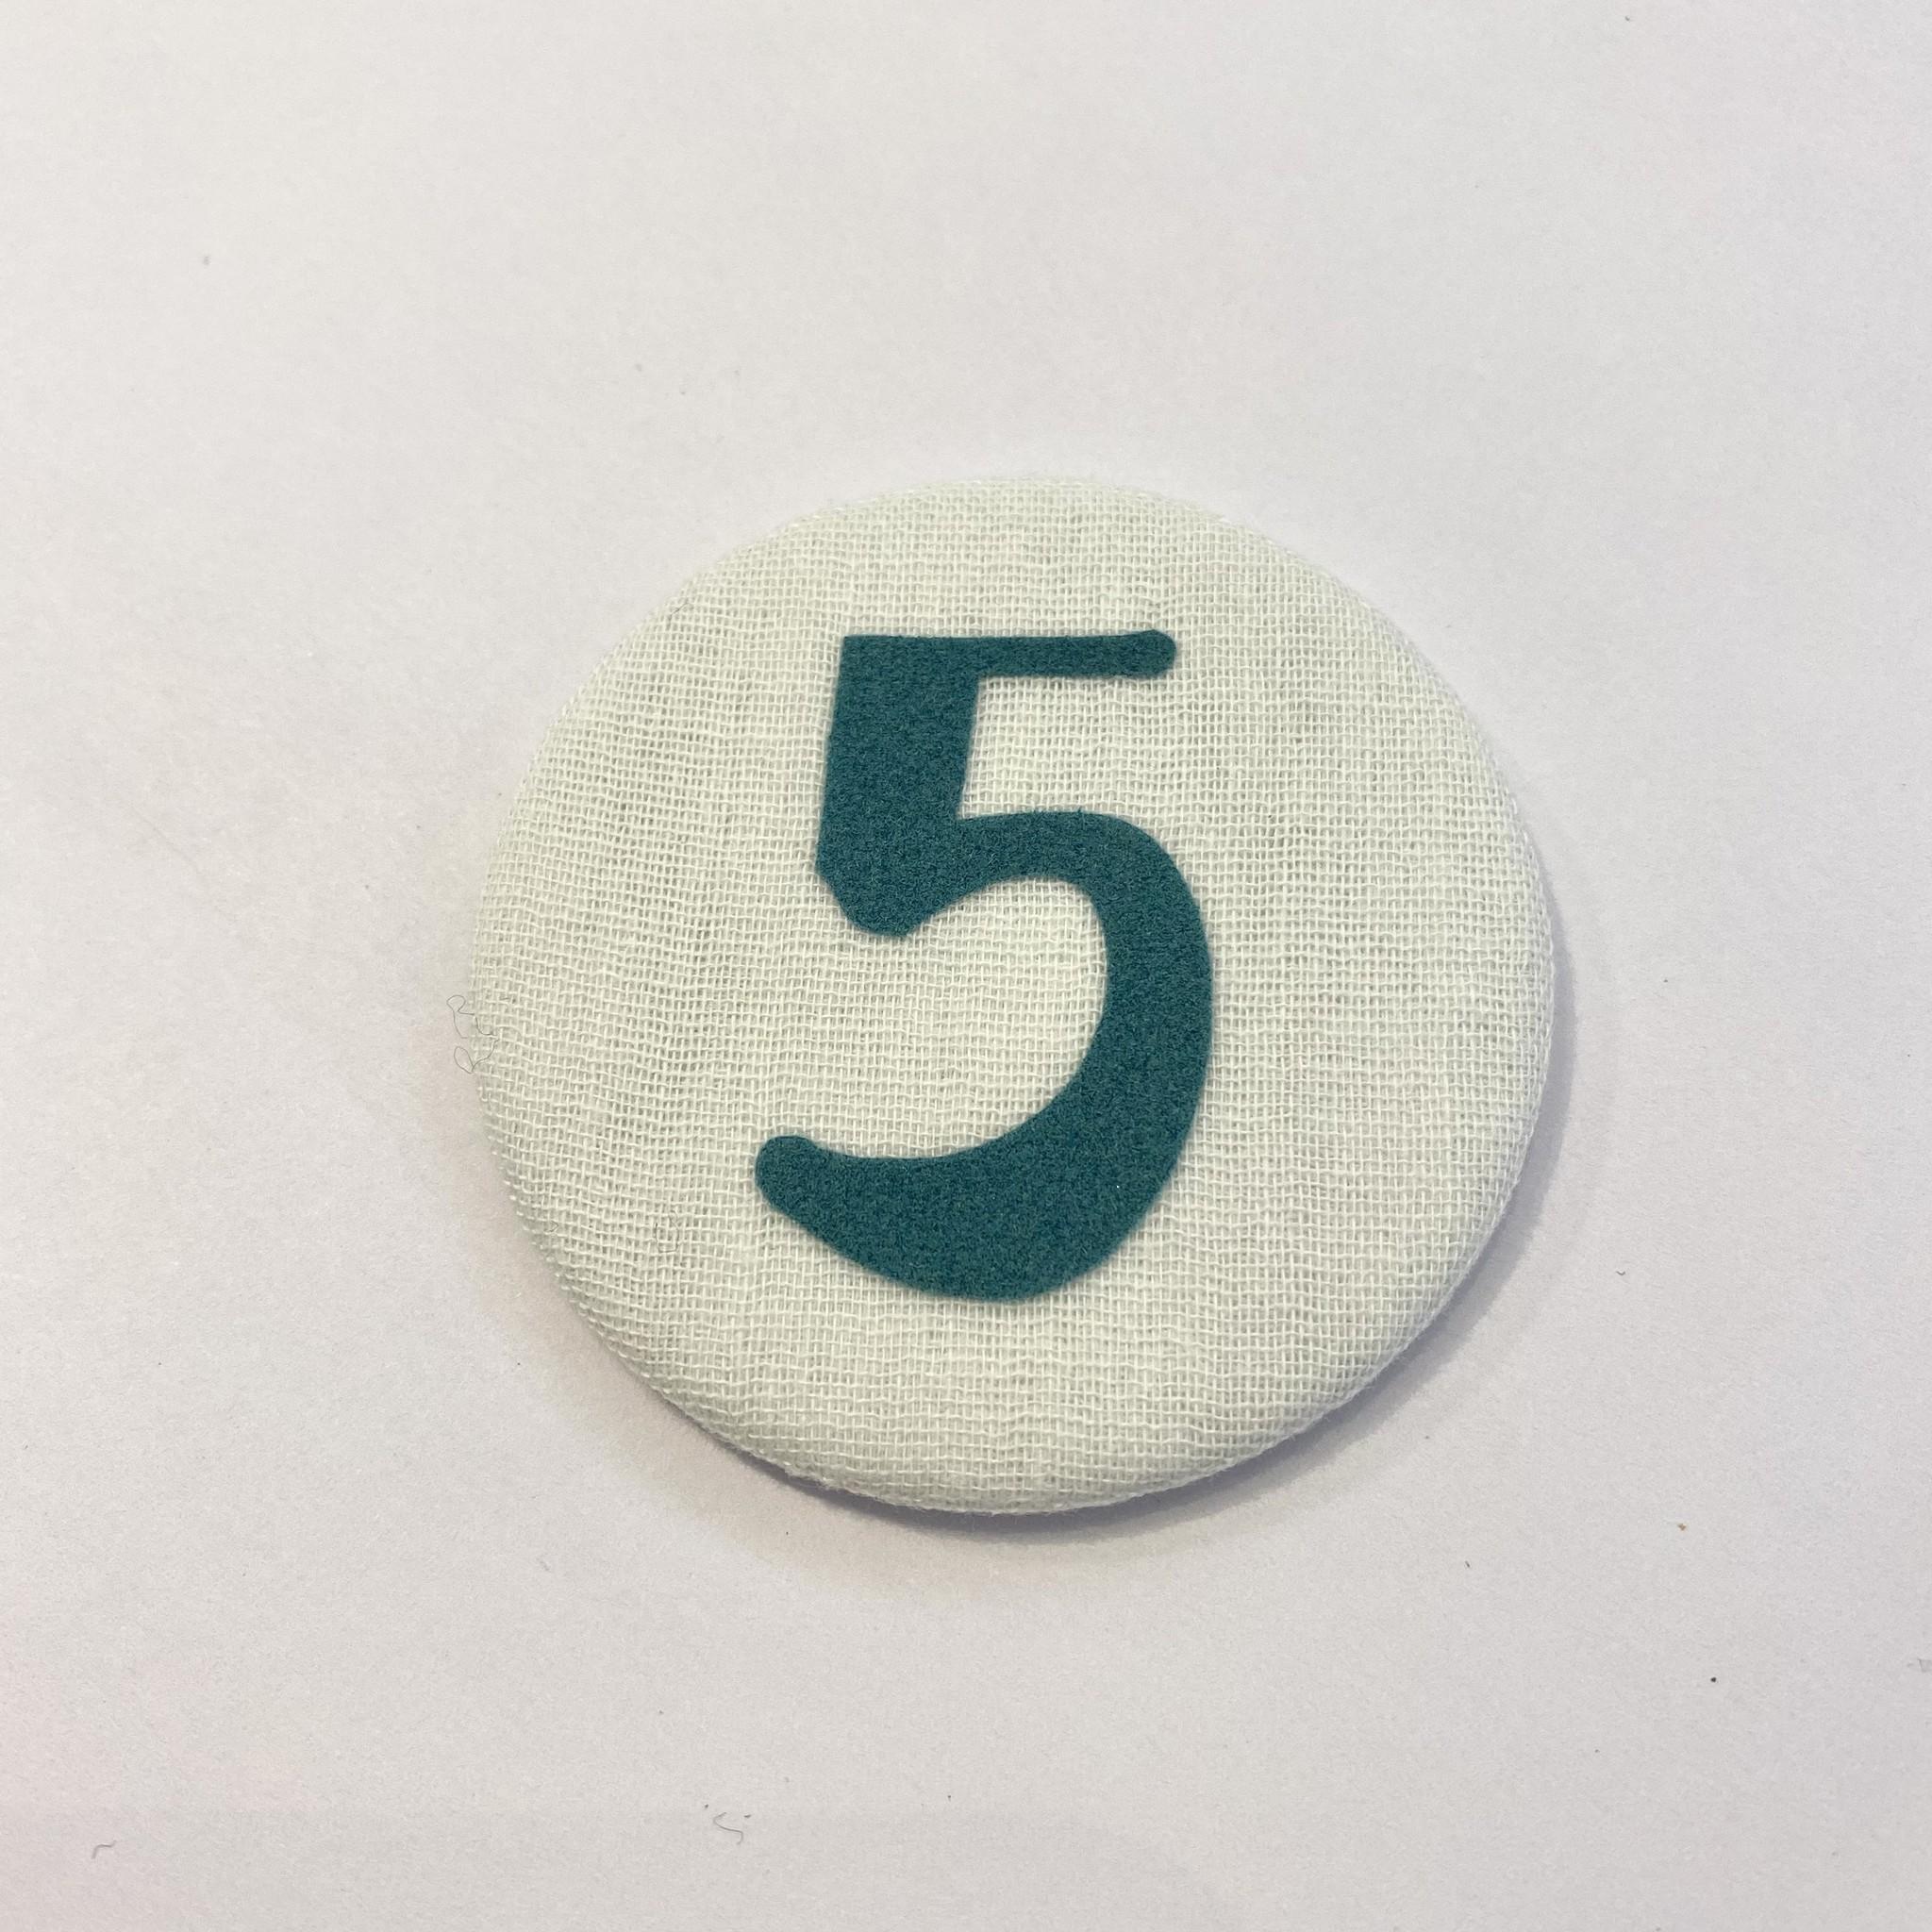 Cijferknop 5 Groen - Liezelijn-1